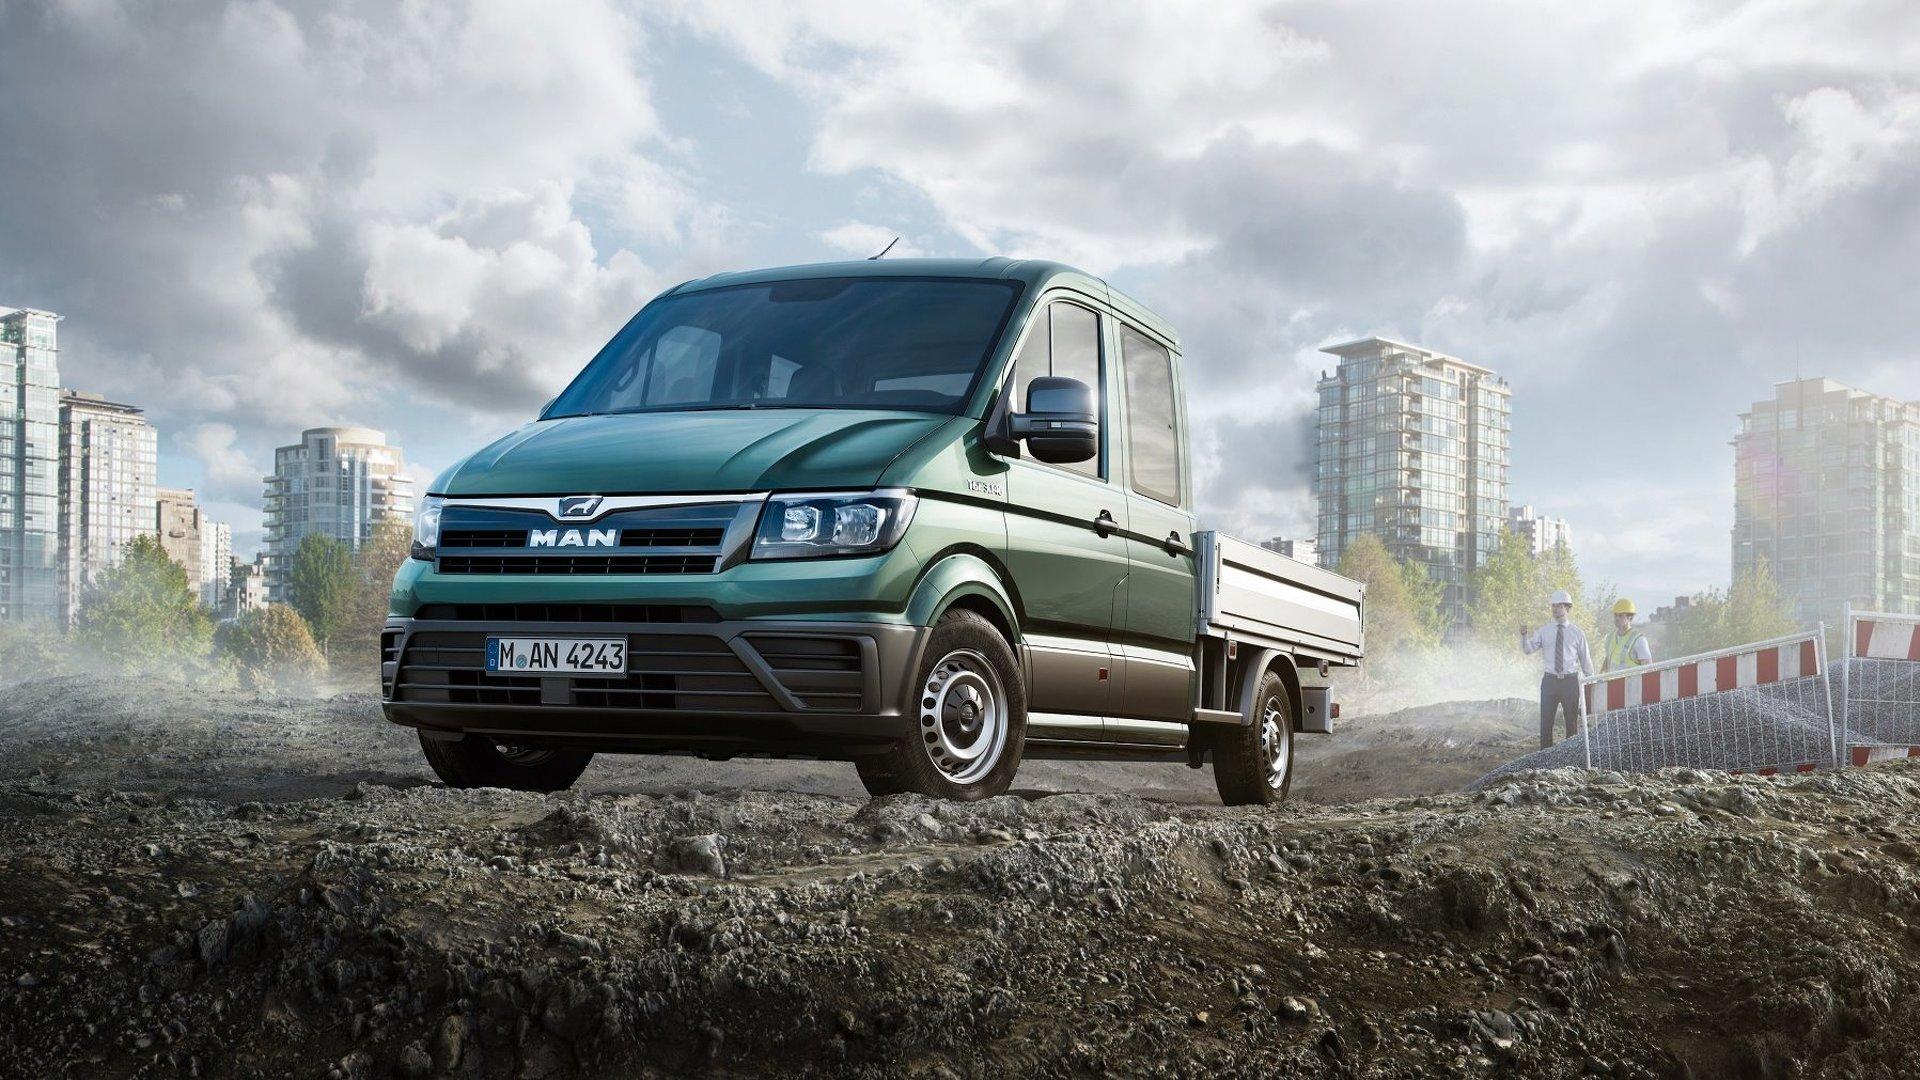 """VW koncerna vadība paredz vēl lielāku ražošanas apjoma pieaugumu, tāpēc 2016. gada nogalē Polijas pilsētā Vžesņā darbu uzsāka jauna rūpnīca, kurā ražos otrās paaudzes VW Crafter un tā """"dvīņubrāli"""" MAN TGE (attēlā)."""